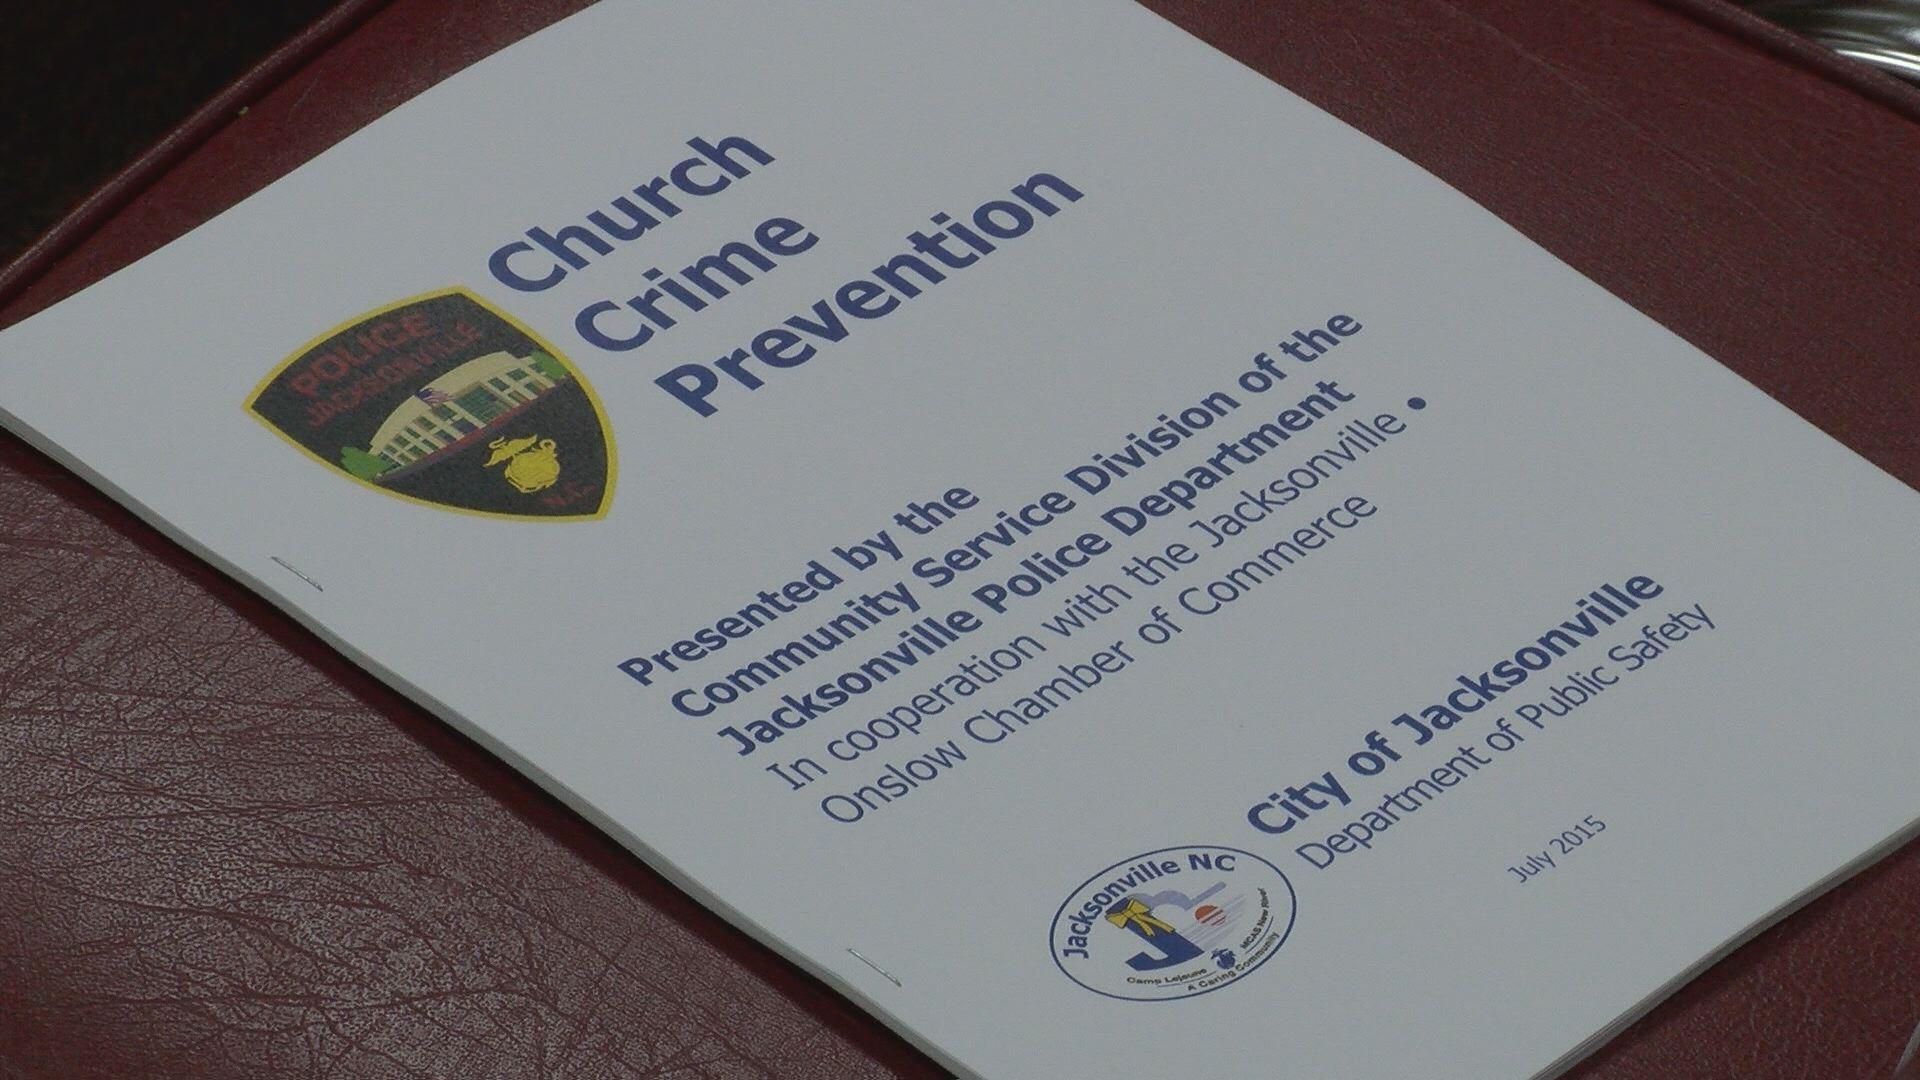 CRIME PREVENTON_28519